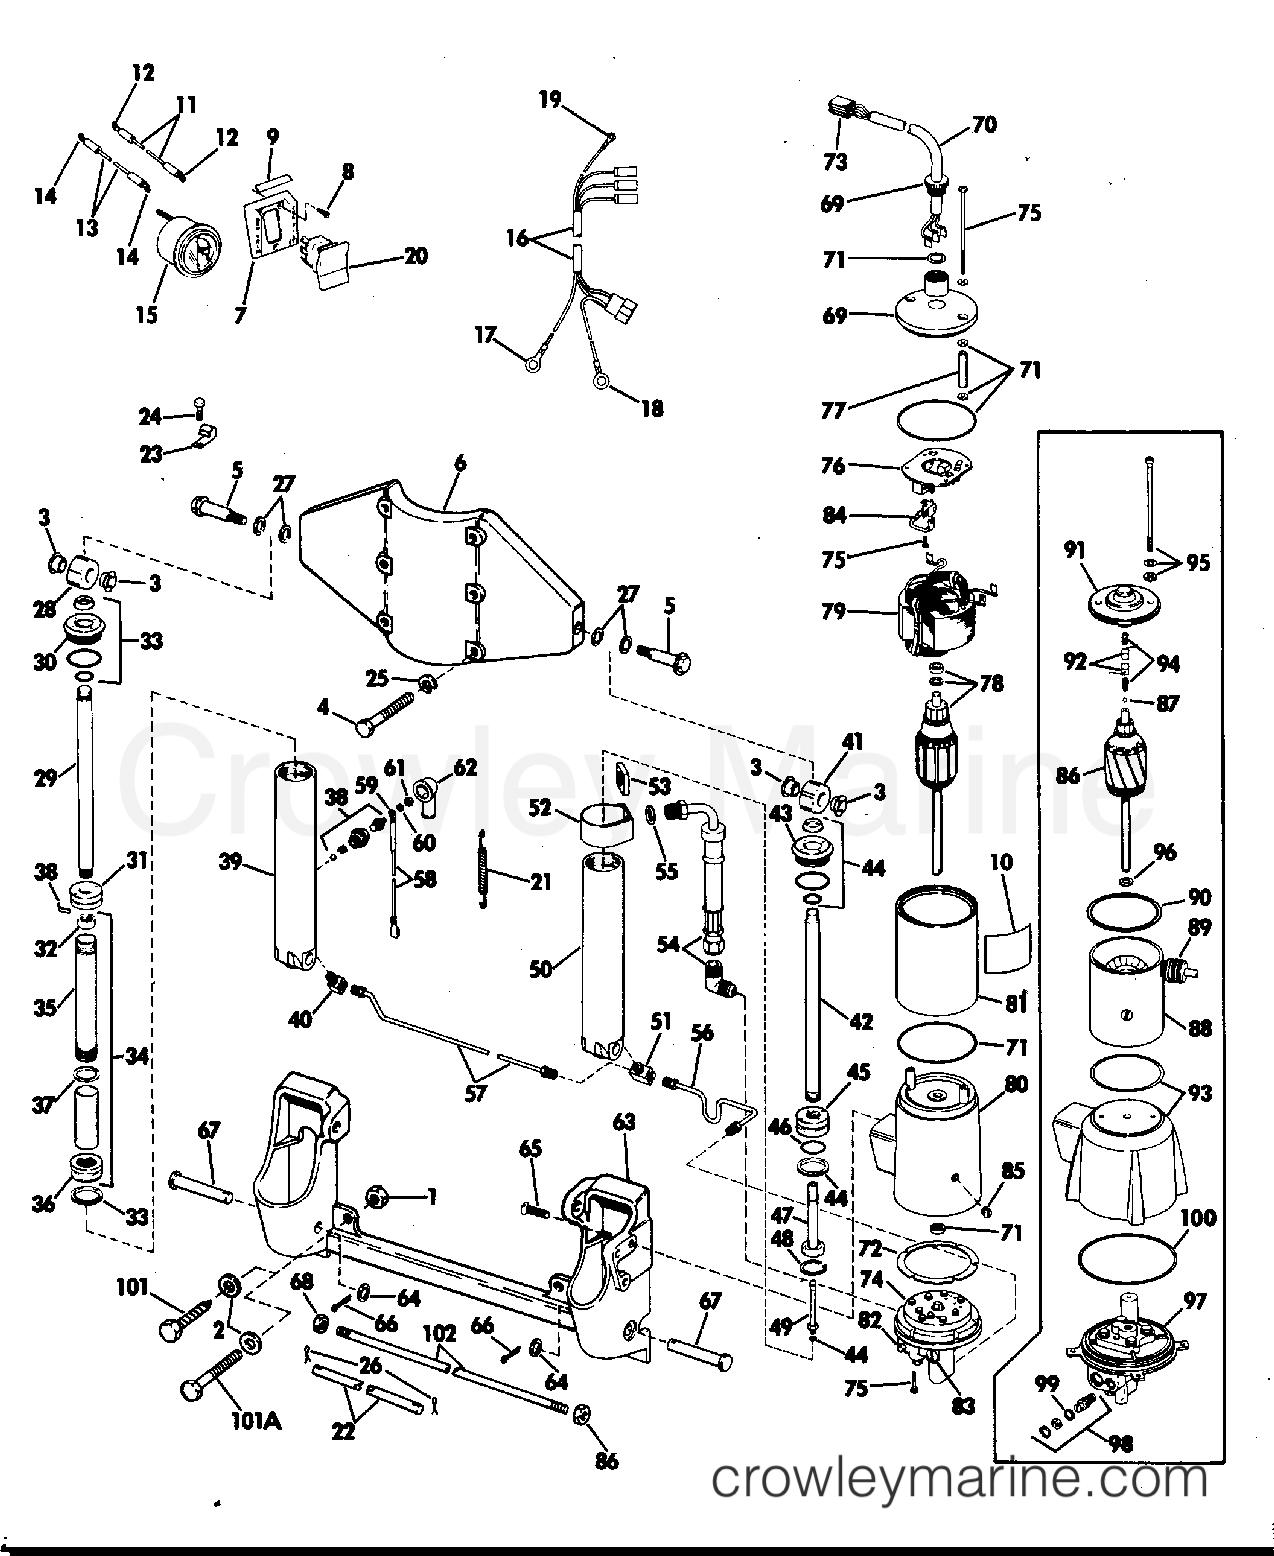 1973 115 johnson wiring diagram schematic dr 1669  50 hp johnson motor diagram schematic wiring  hp johnson motor diagram schematic wiring